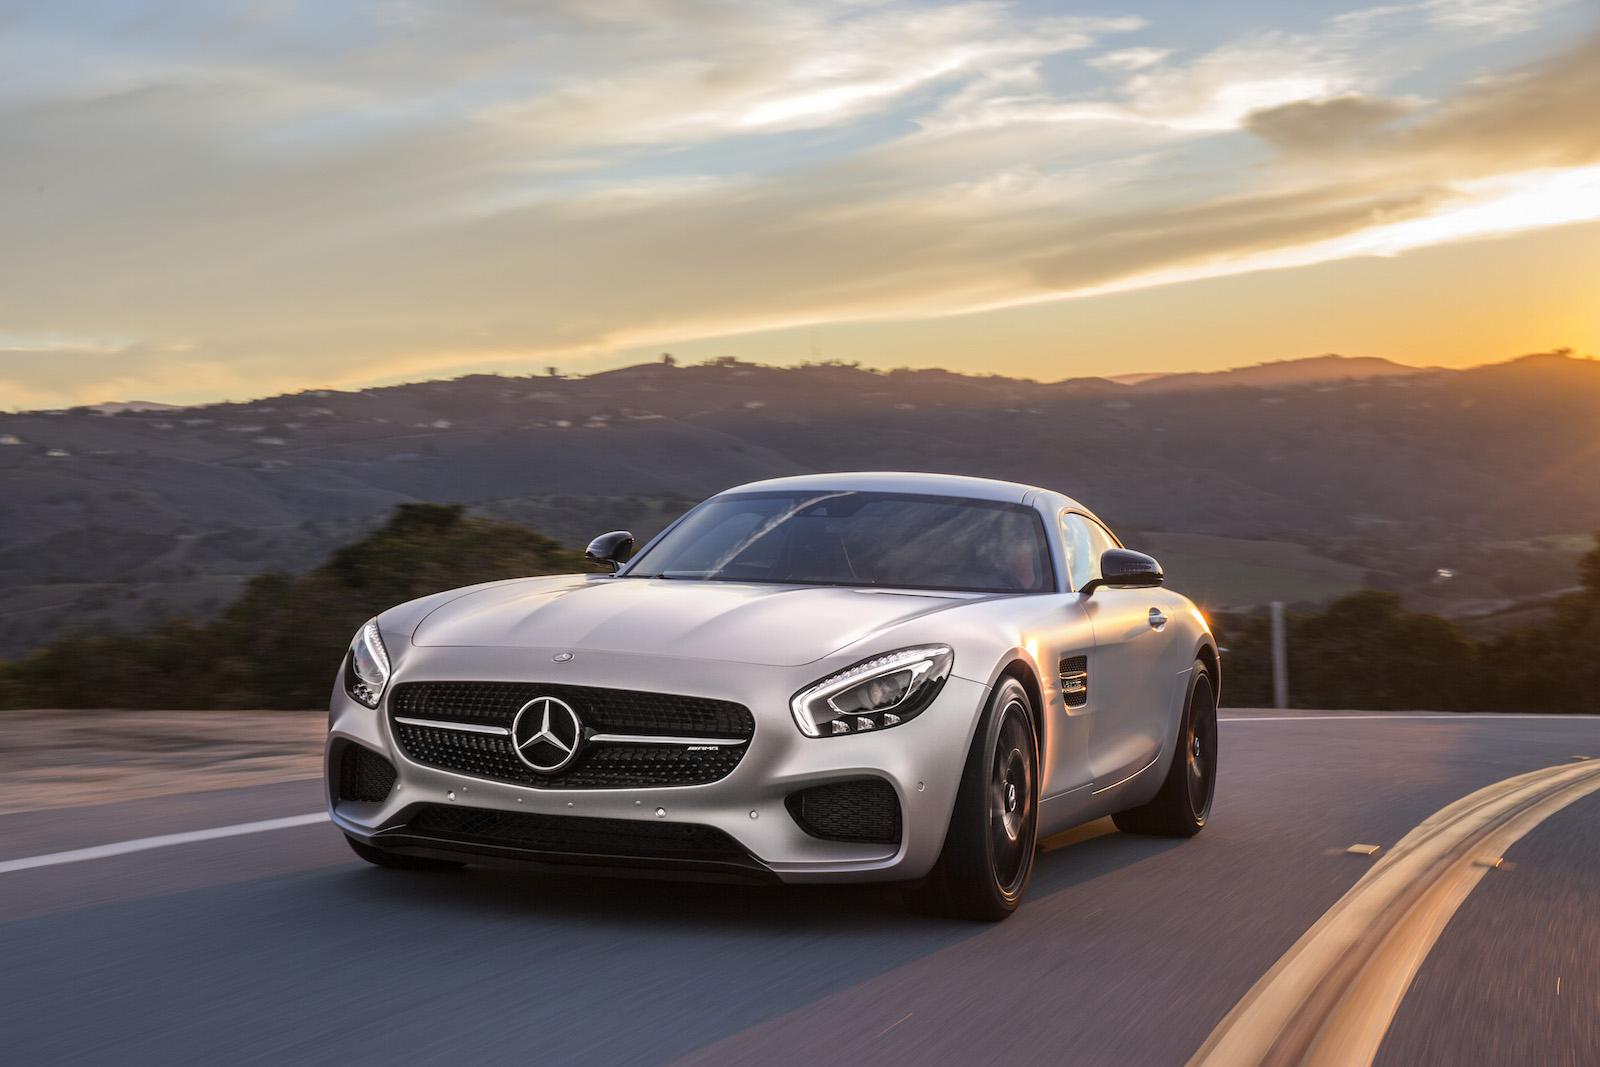 2016 Mercedes Benz AMG GT Wallpaper Widescreen HD 16464 1600x1067